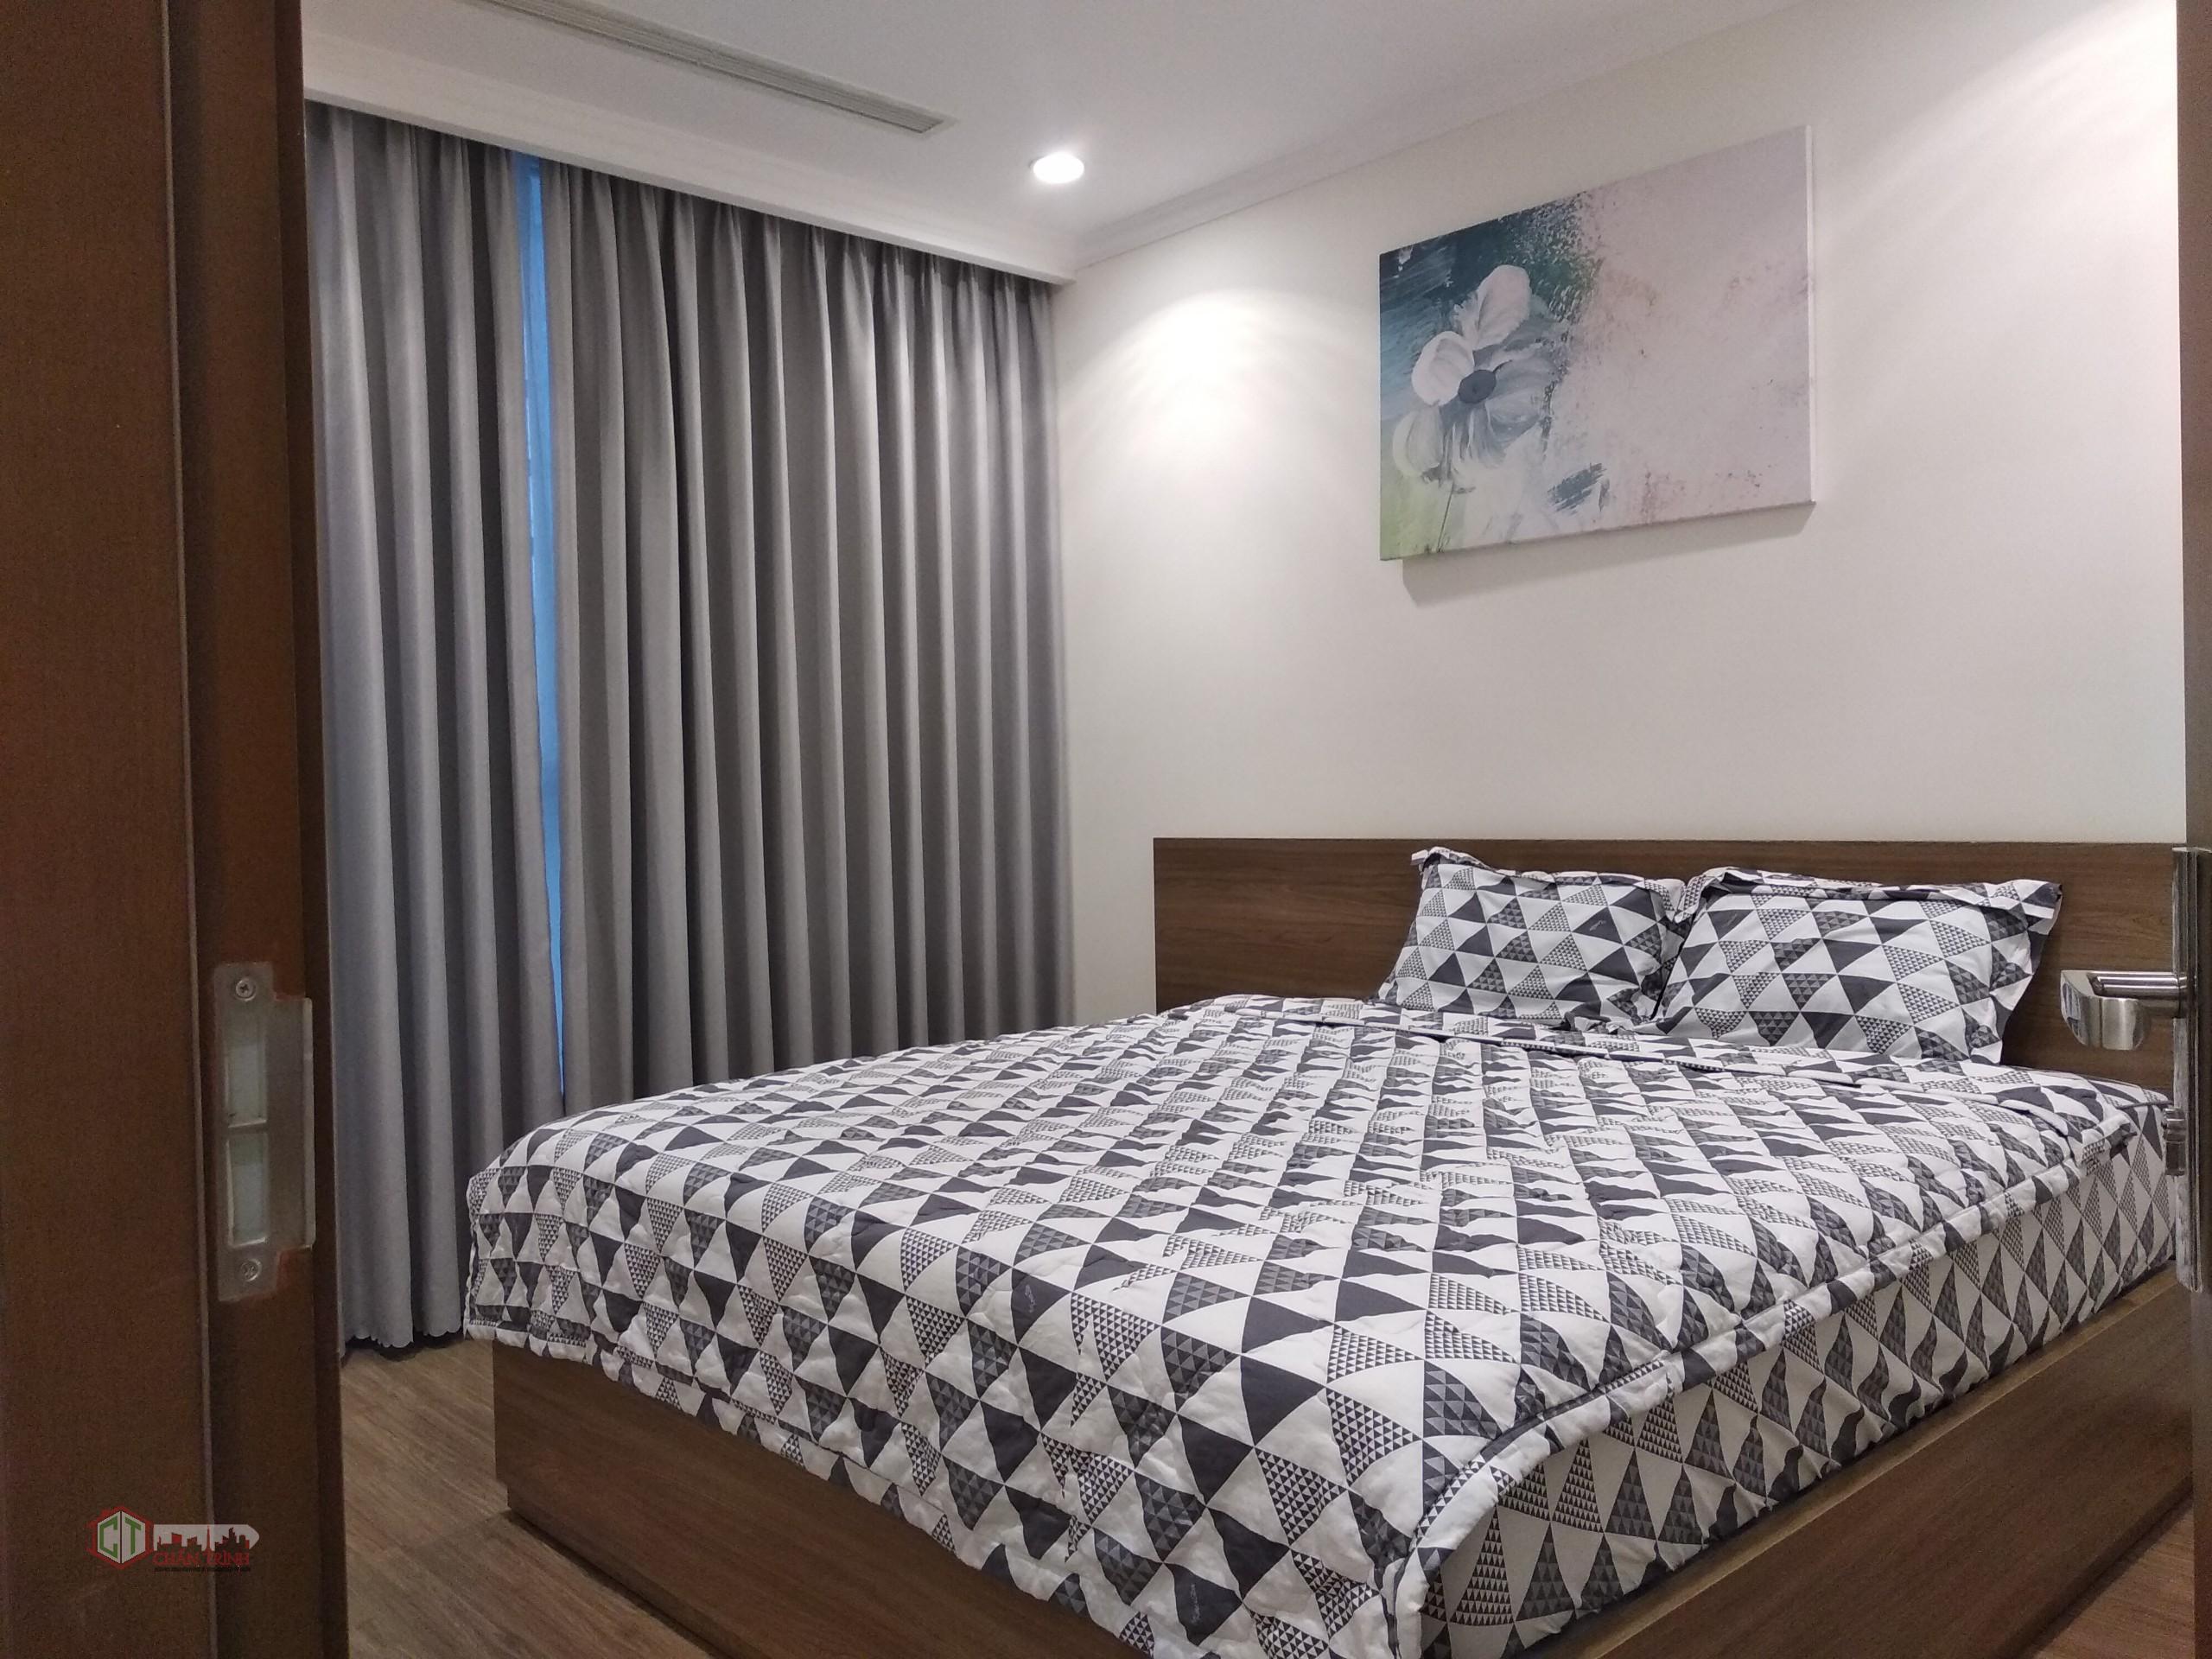 Phòng ngủ - Căn hộ 1 phòng ngủ L3-10.12 cho thuê Vinhomes Central Park